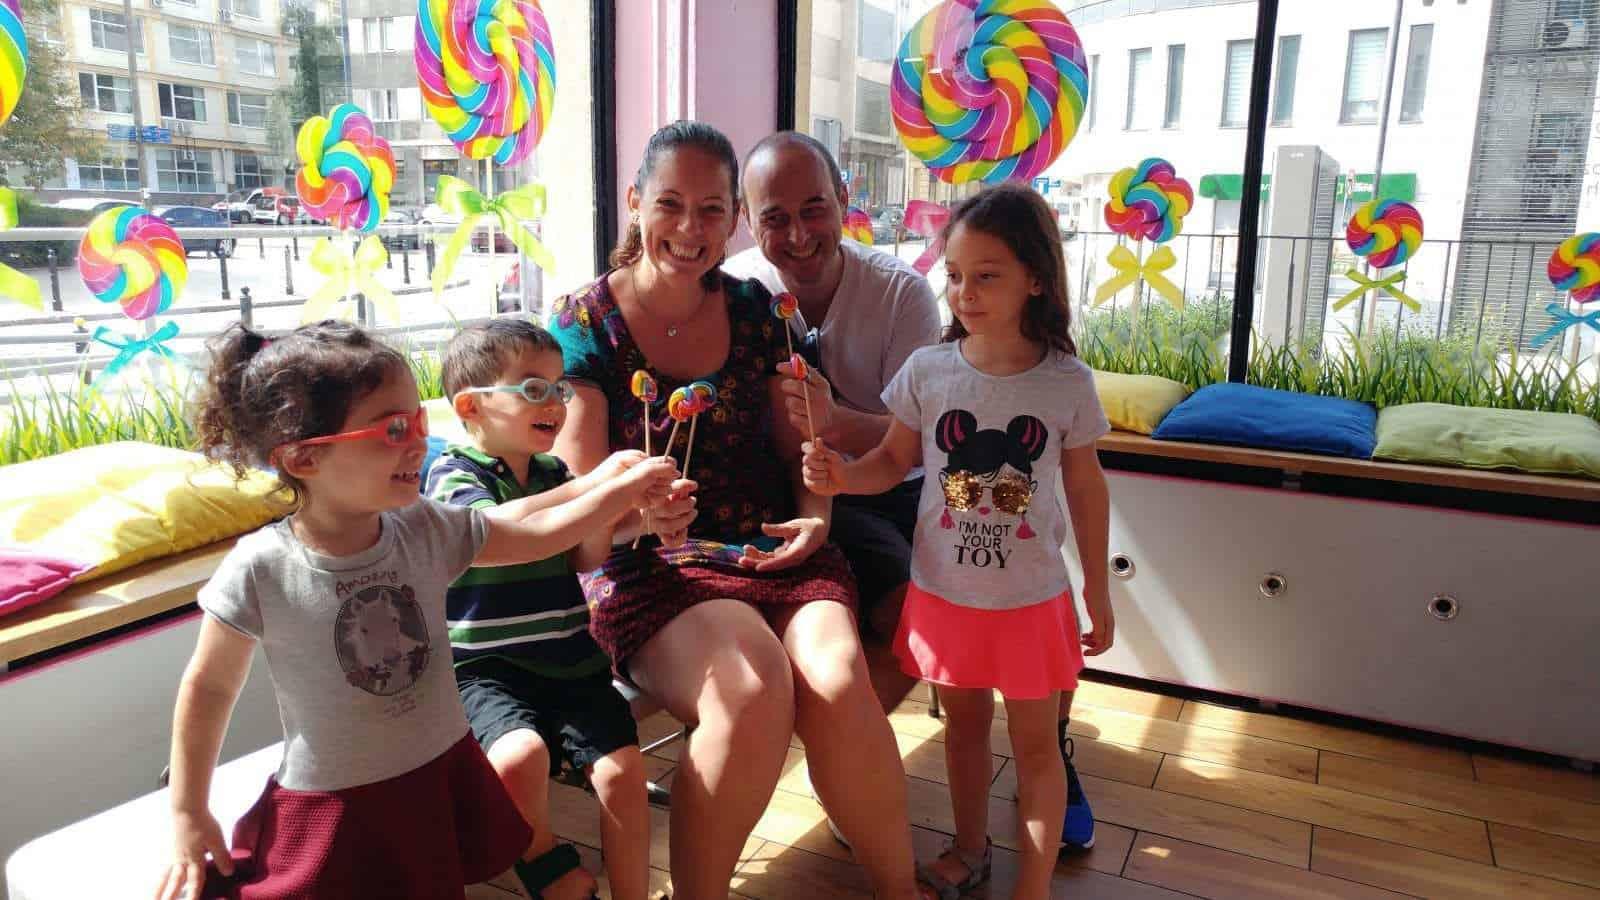 ורשה עם ילדים - מסלול, אטרקציות, המלצות